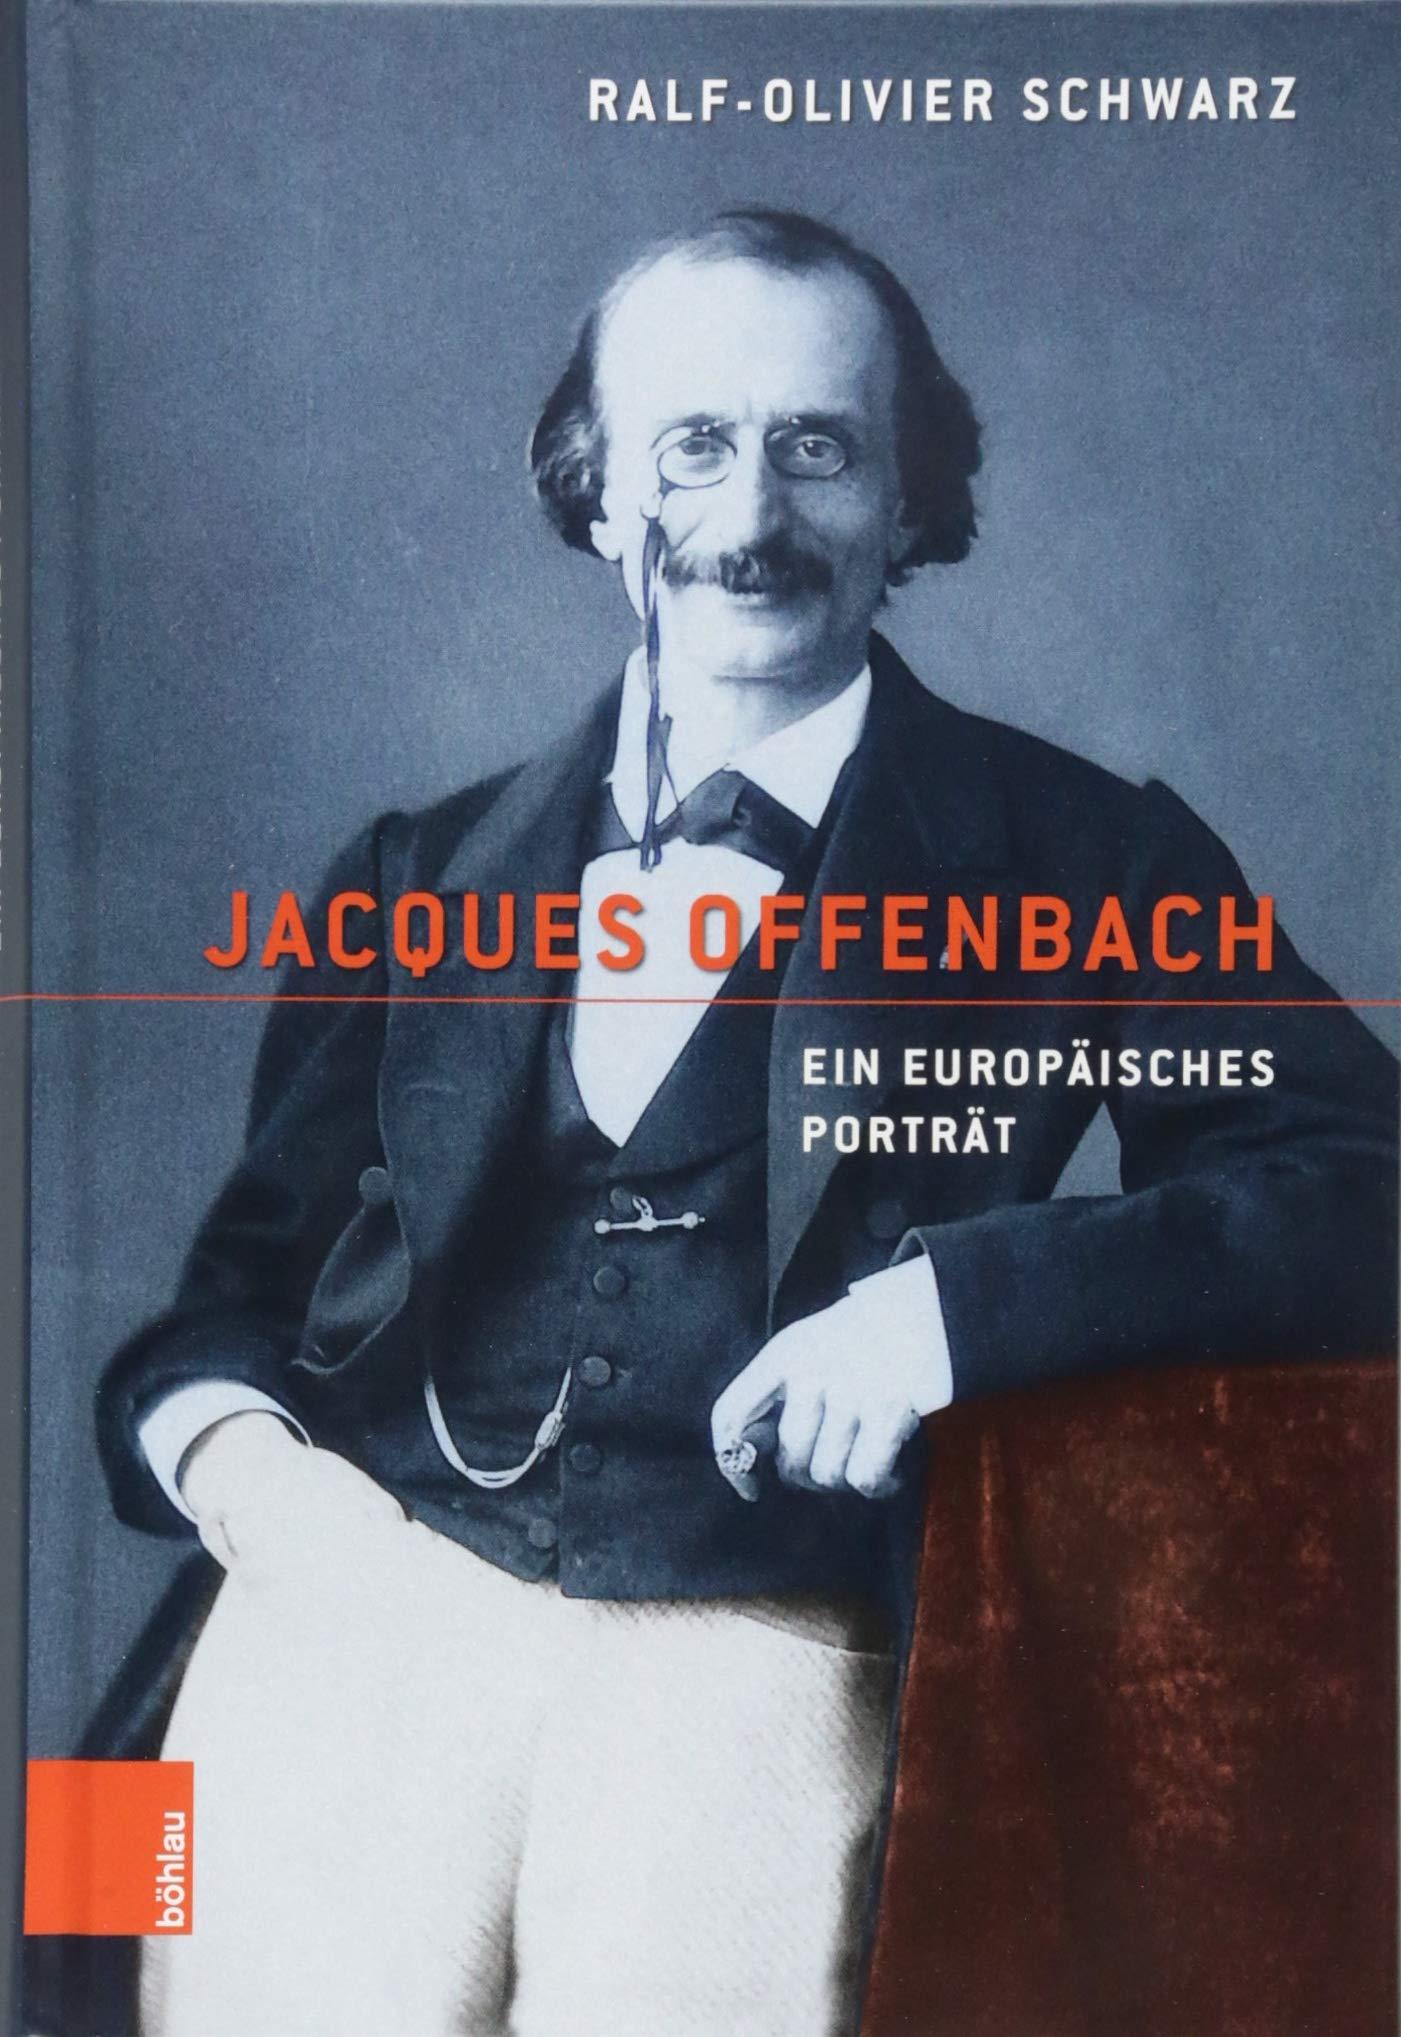 """Ralf-Olivier Schwarz' """"Jacques Offenbach. Ein europäisches Porträt."""" (Böhlau Verlag, 2018)"""